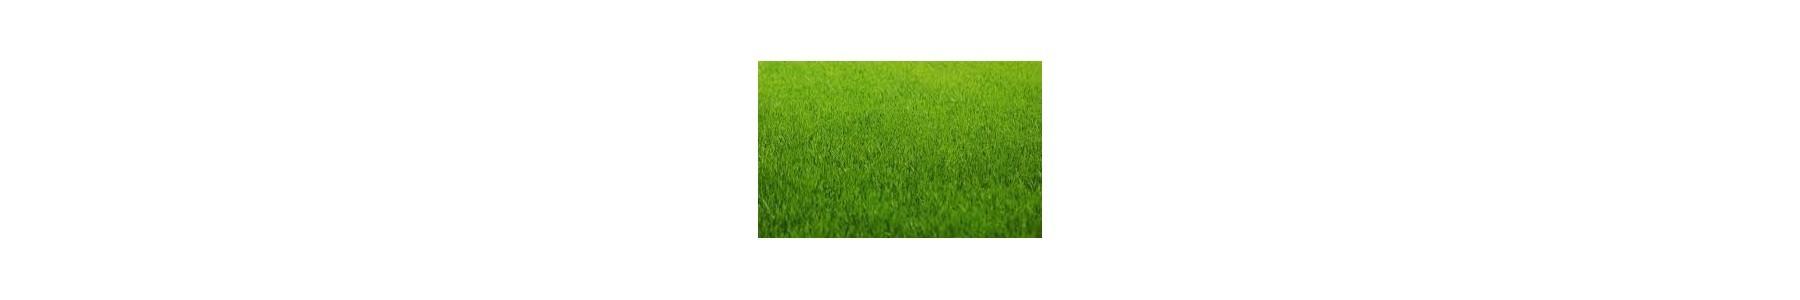 Uniwersalne nasiona traw - Trawa Barenbrug